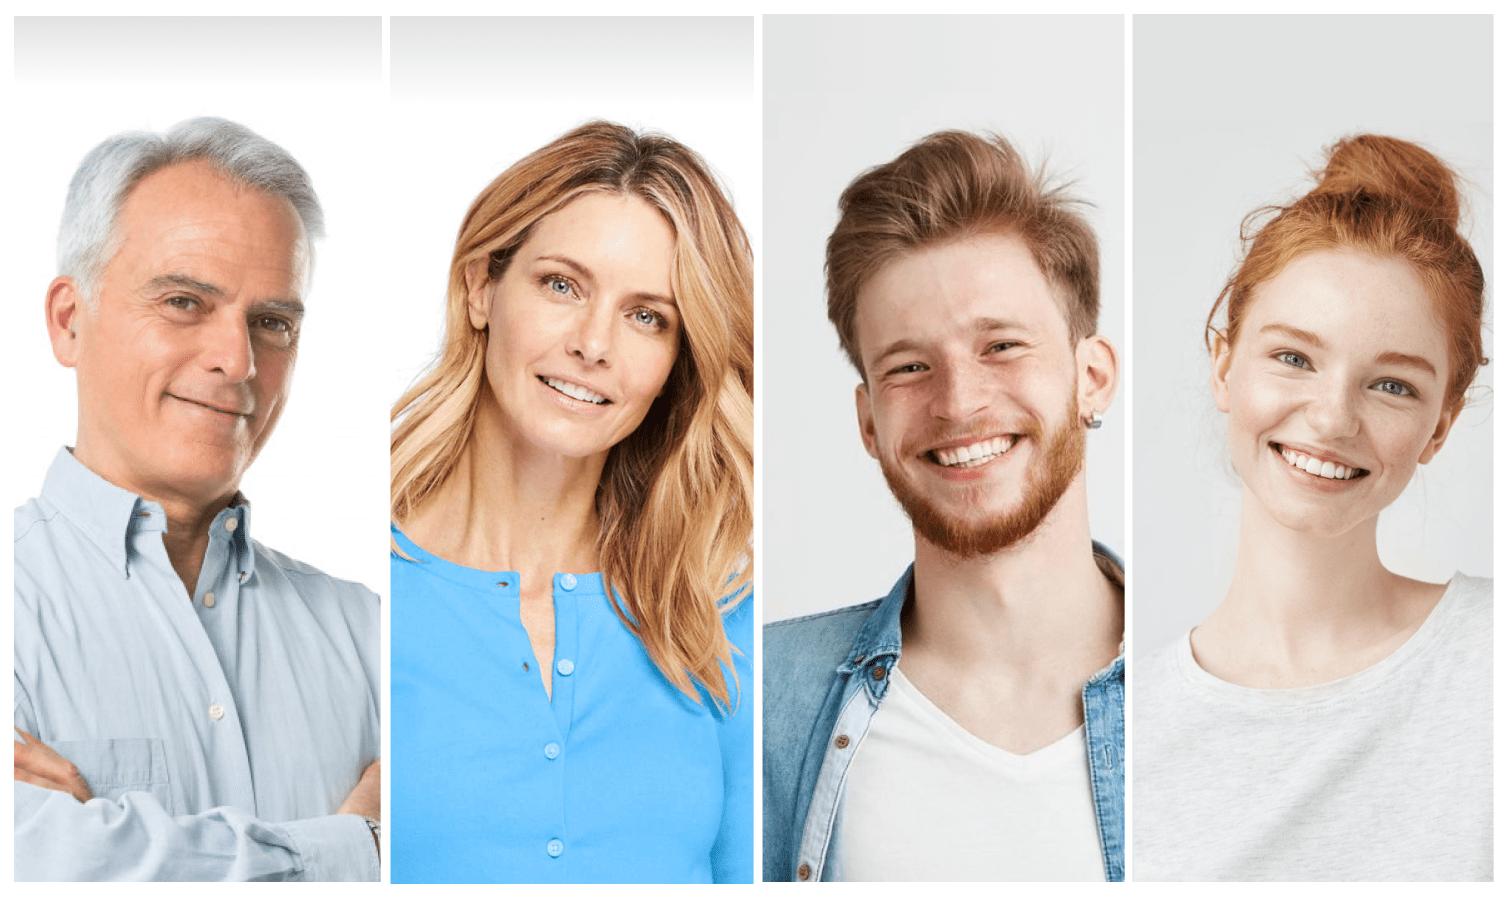 Boomers, Millennials, Gen Z & X: How to Adapt Your Lending Business